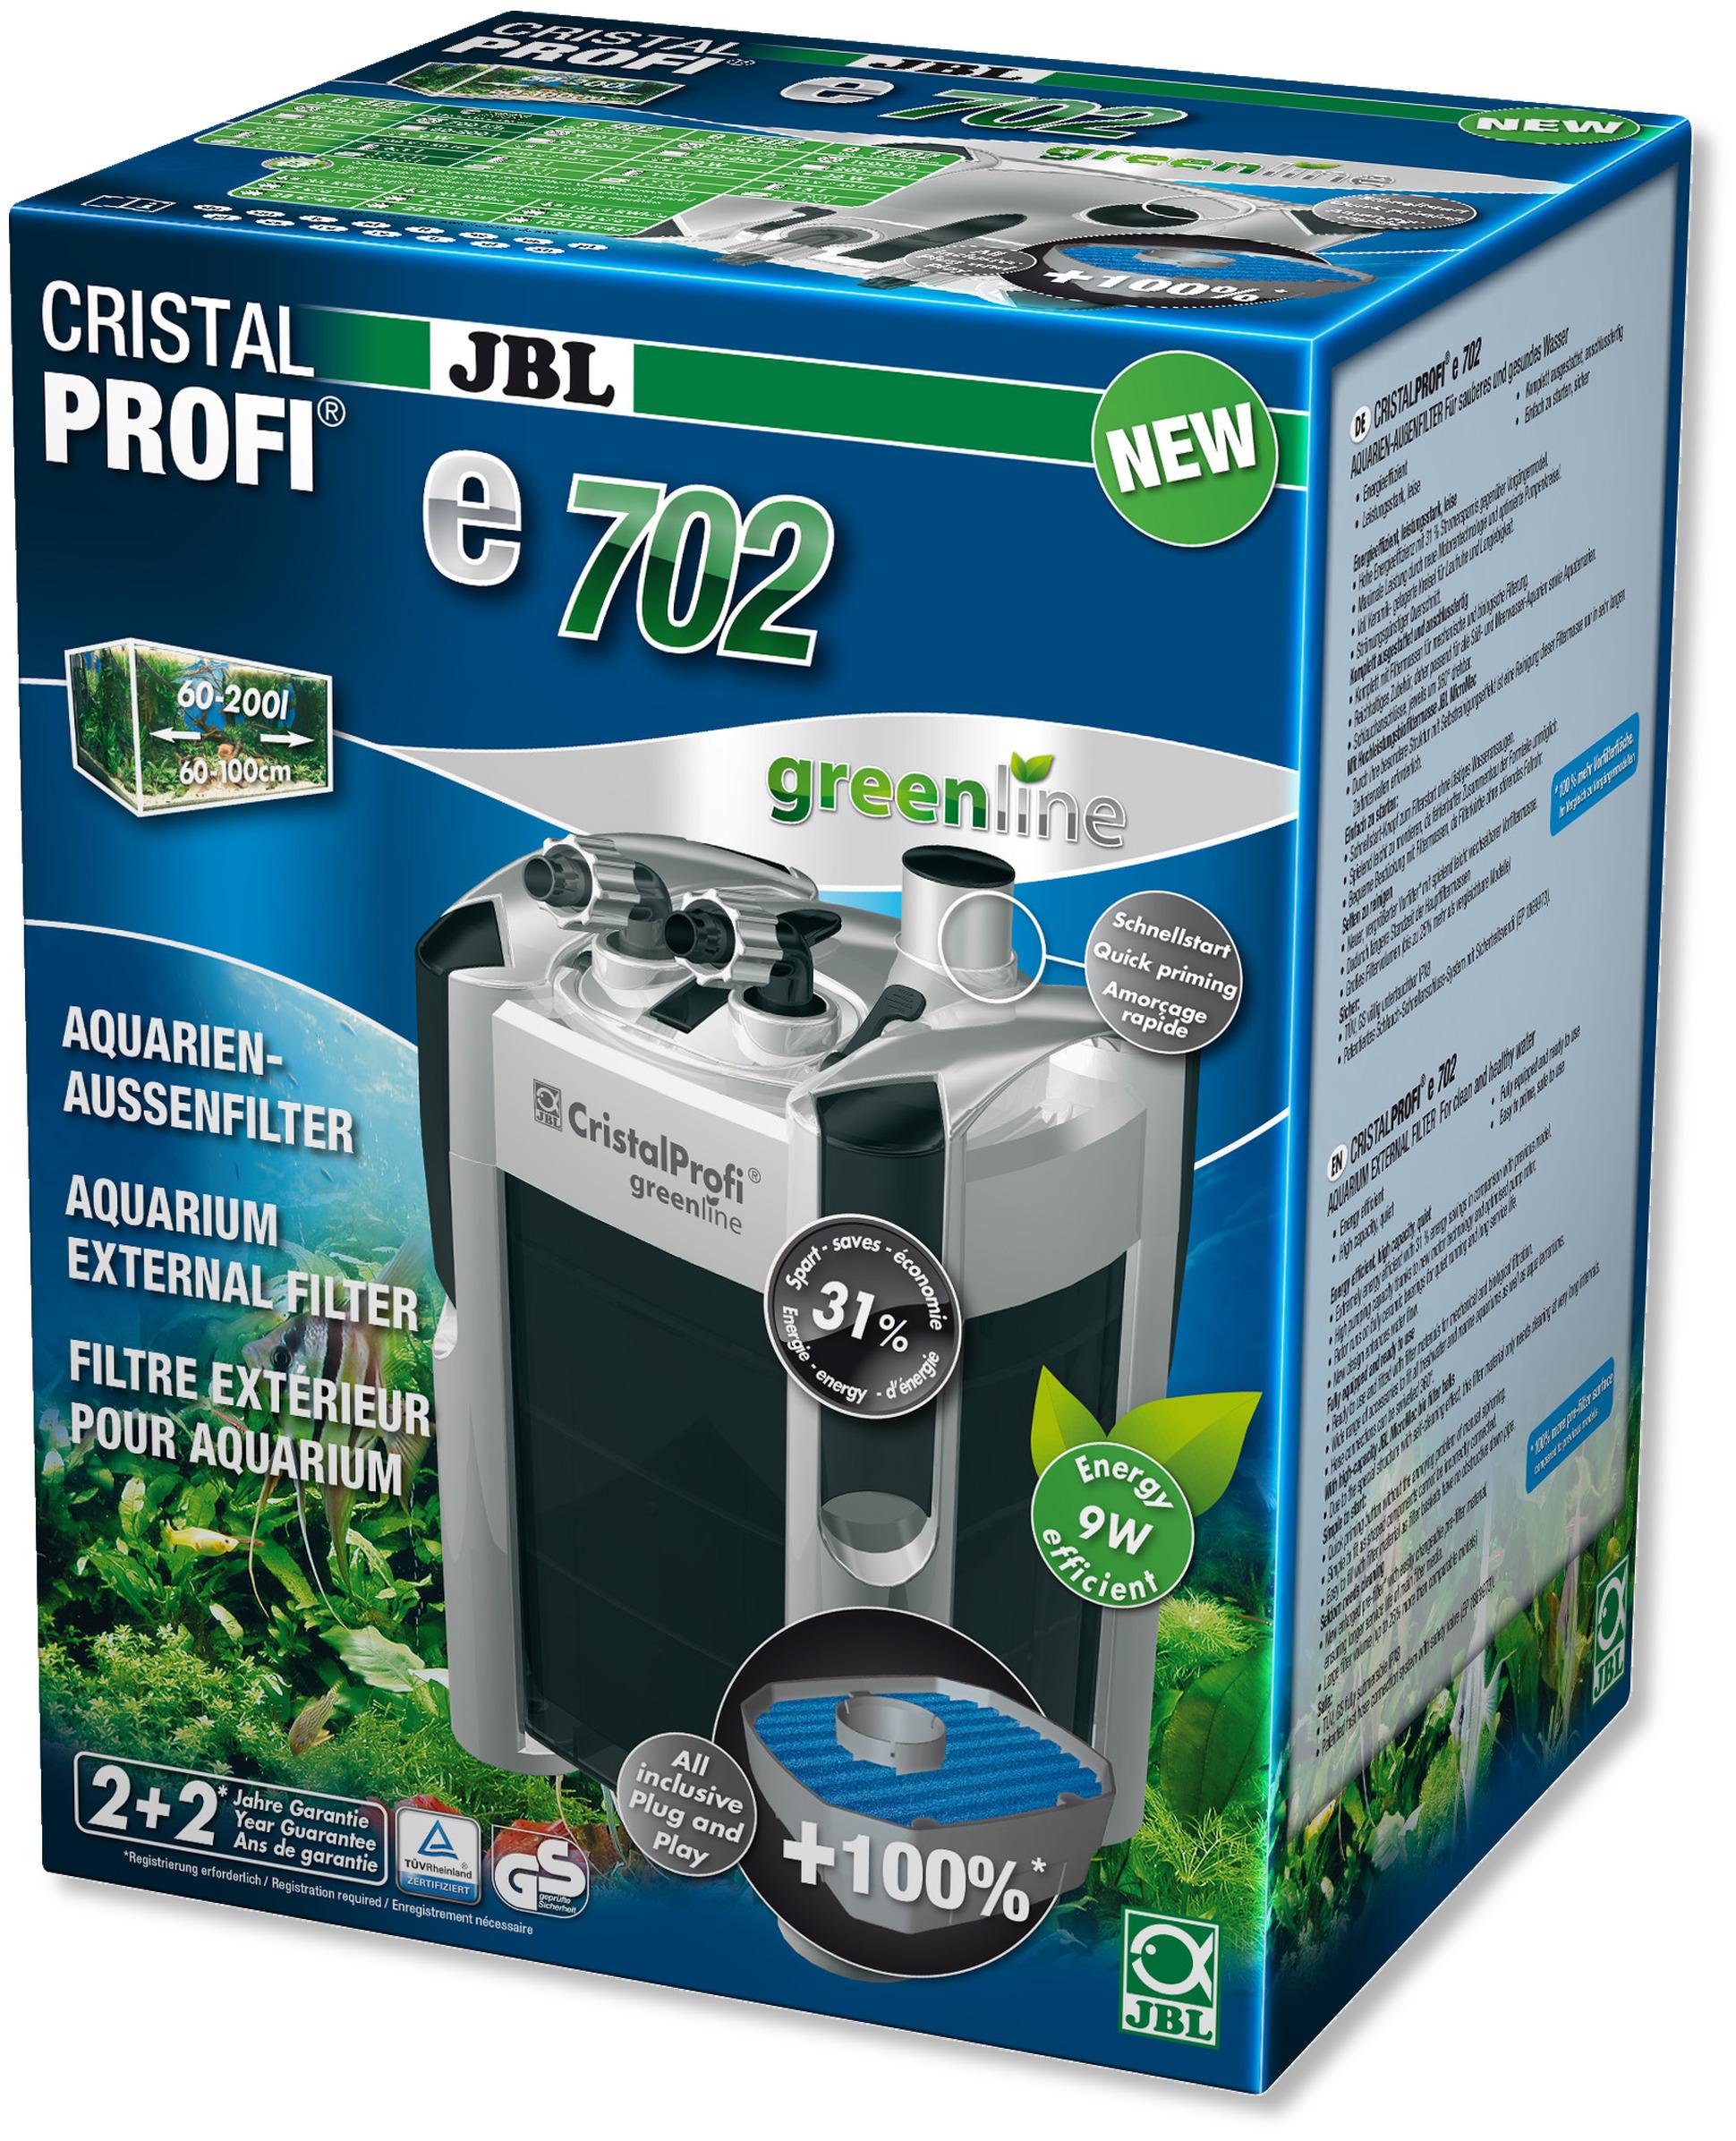 JBL CristalProfi e702 greenline filtre externe pour aquarium de 60 à 200 L